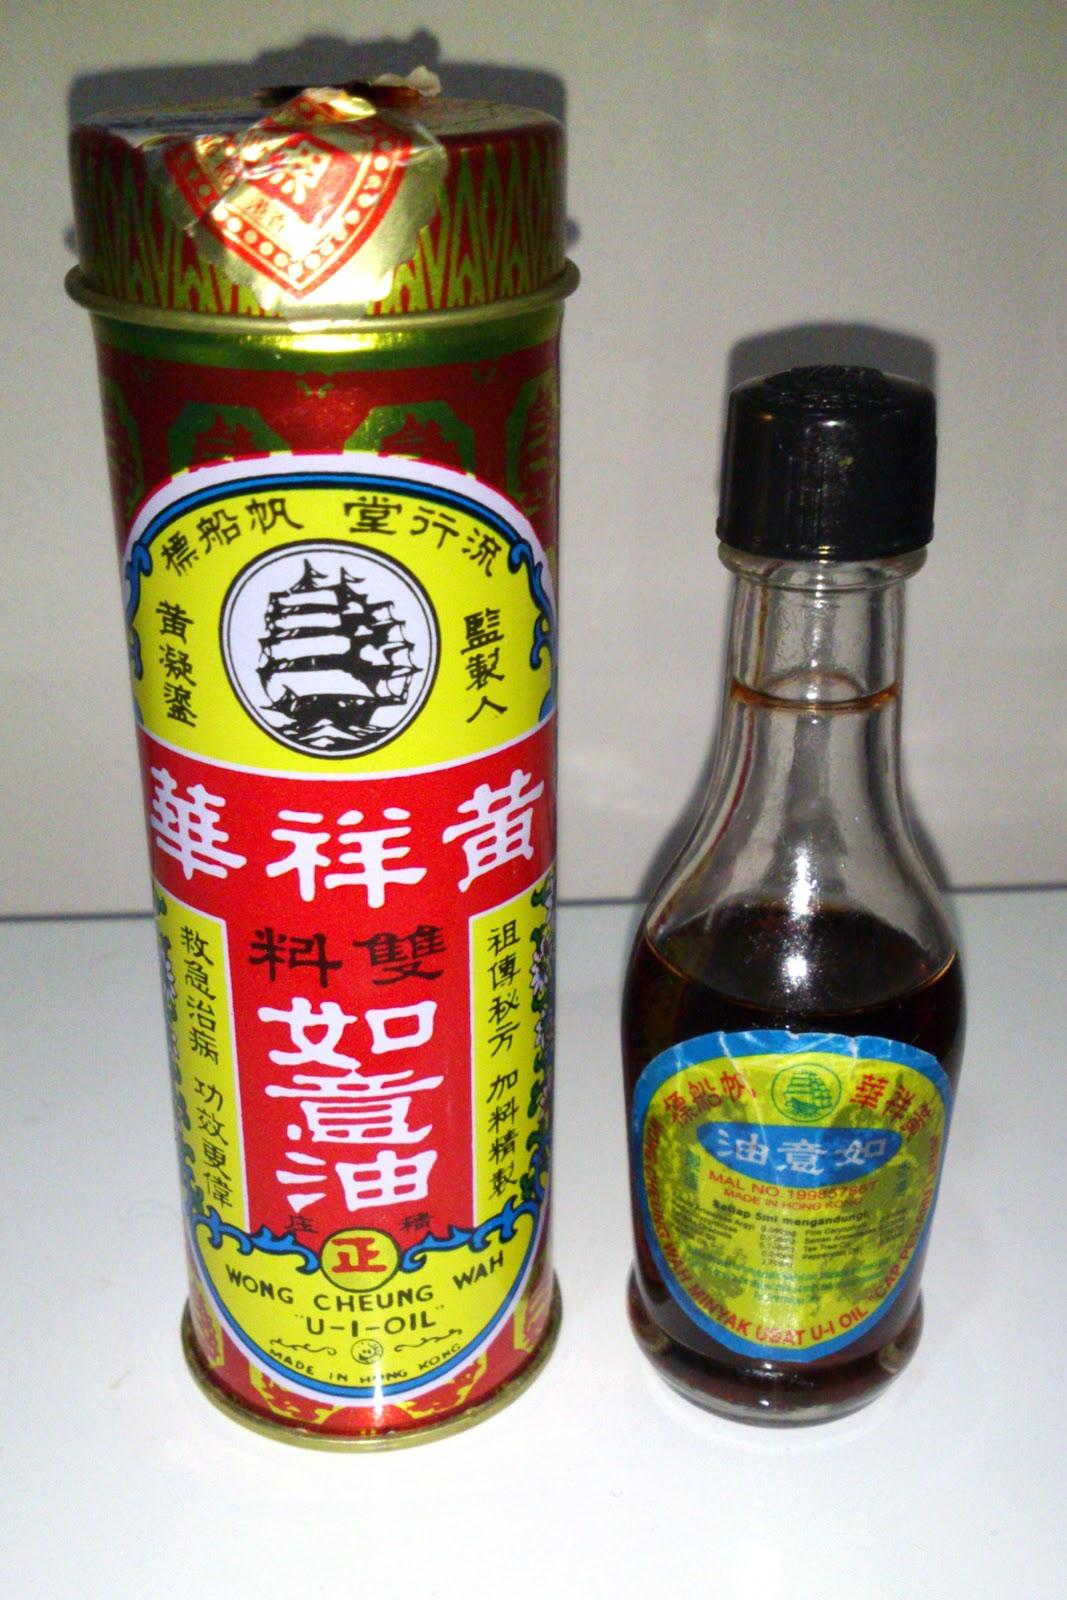 Image result for minyak yuyi cap kapal, minyak yu yee cap limau halal, beza minyak yu yee cap kapal, penawar kembung perut